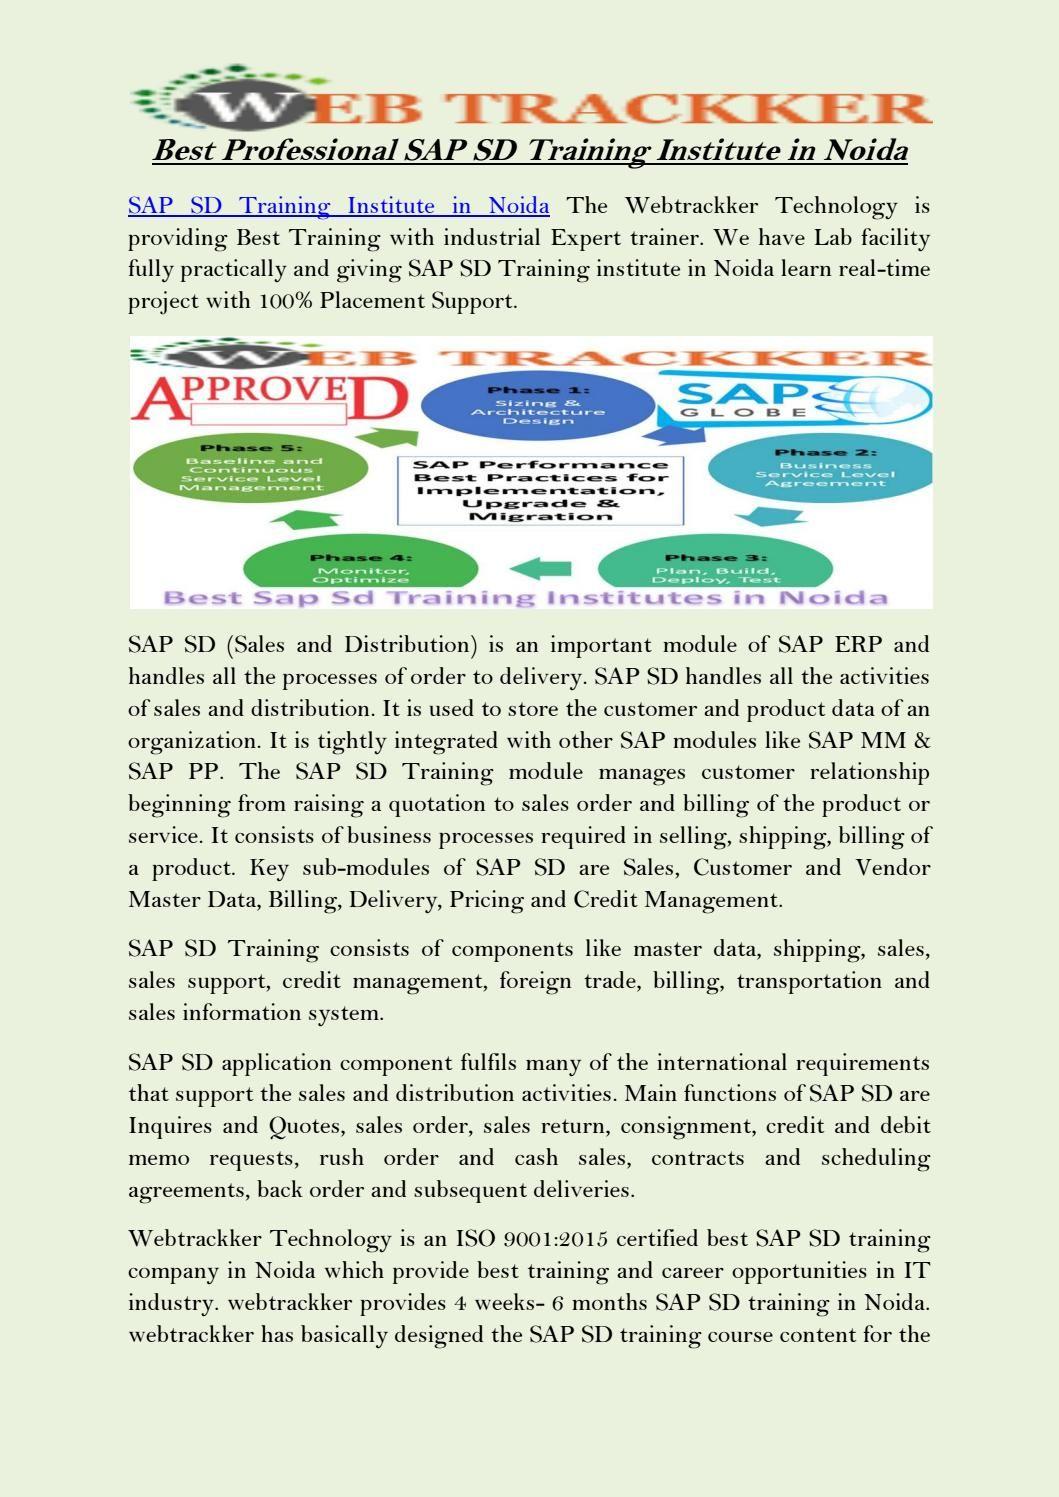 medium resolution of best professional sap sd training institute in noida